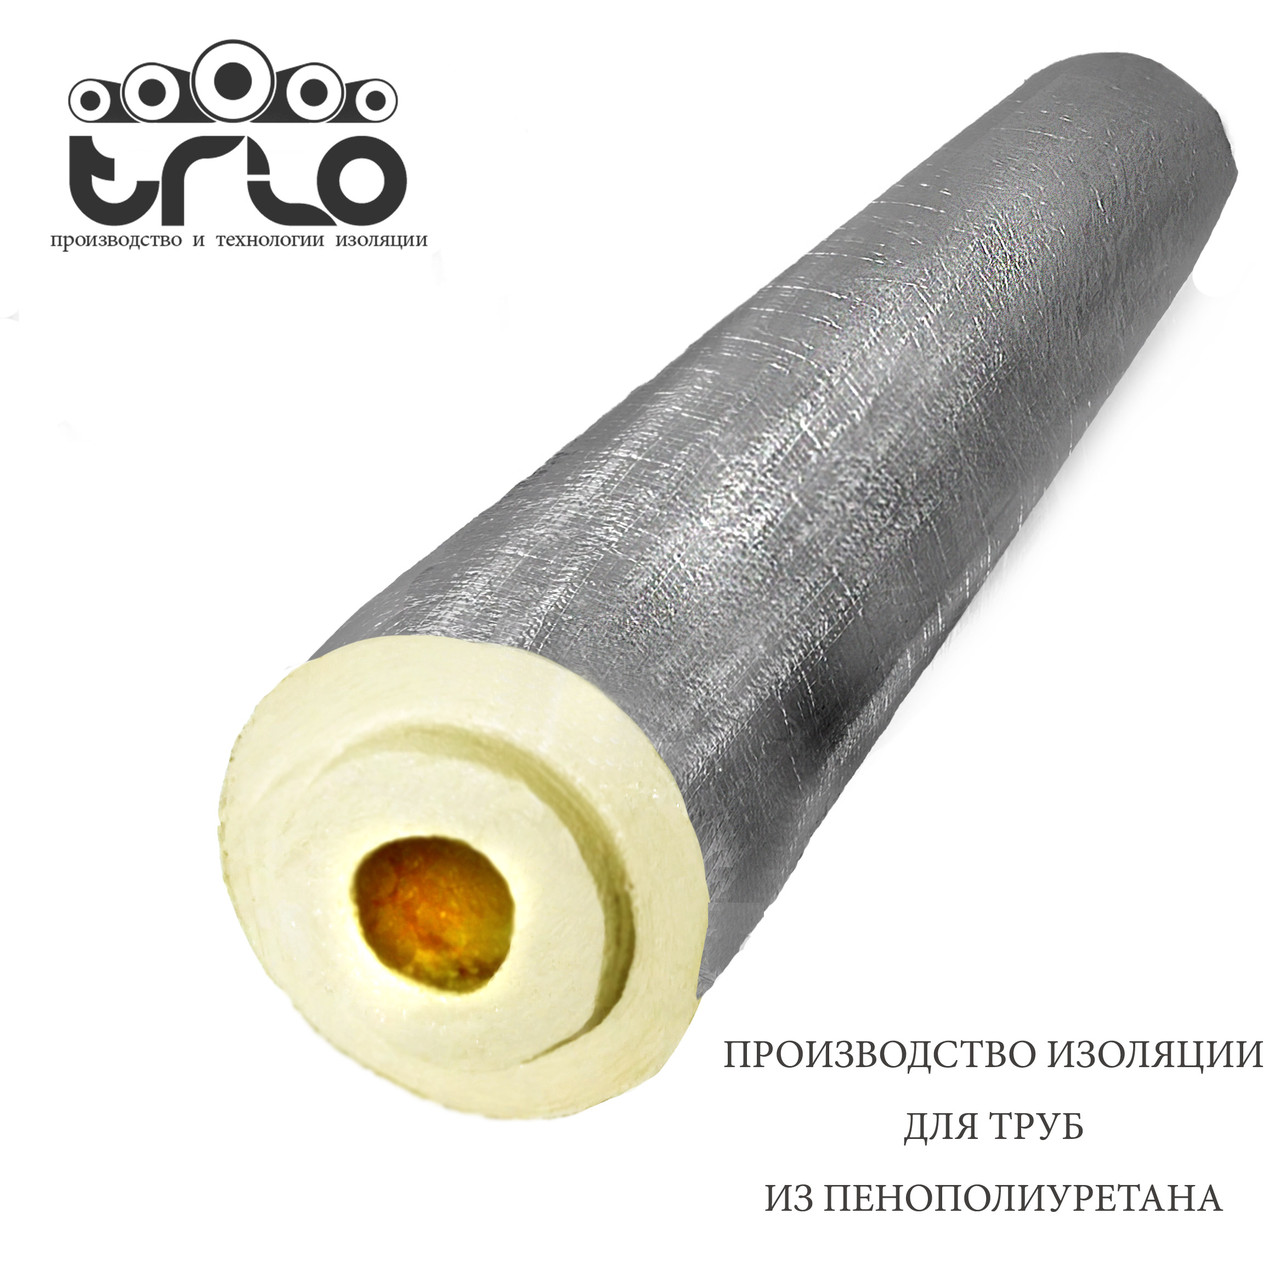 Утеплювач для труб в захисному покритті з фольгопергамина (фольгоизола) - Ø 42/40 мм